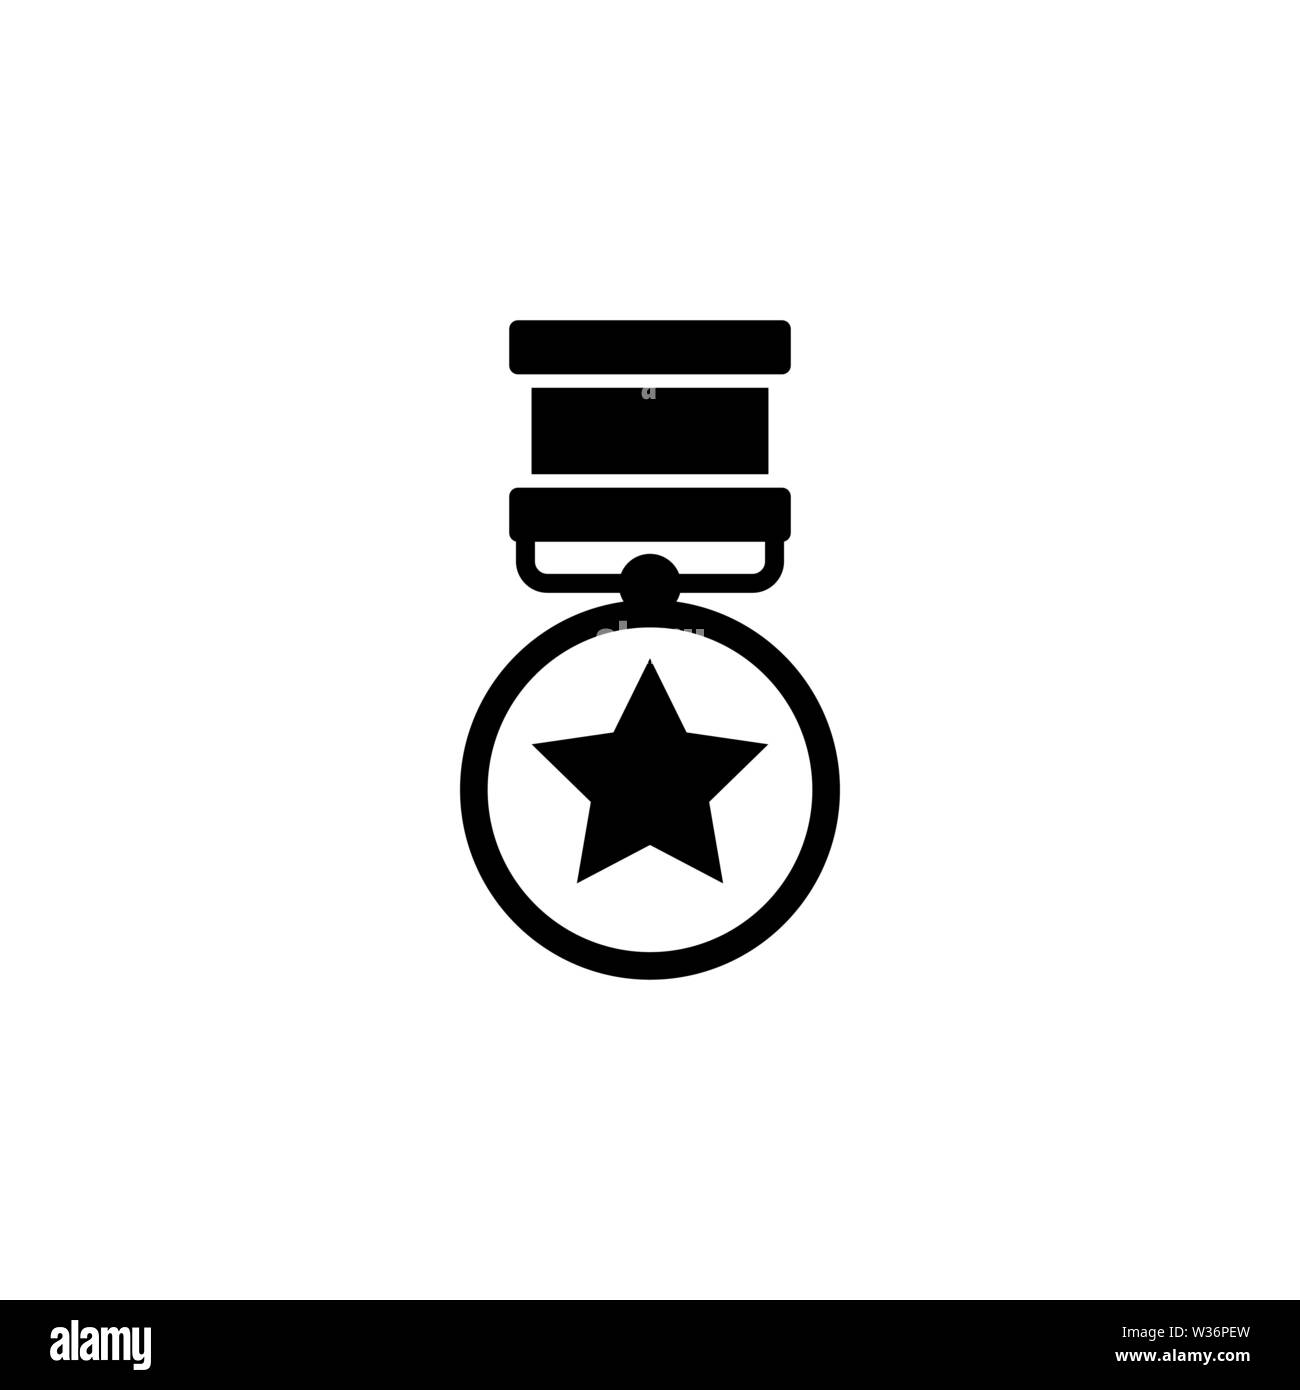 Medalla al Valor. Medalla de Honor. Premio militar de guerra. Icono de Vector plana. Simple símbolo negro sobre fondo blanco. Ilustración del Vector